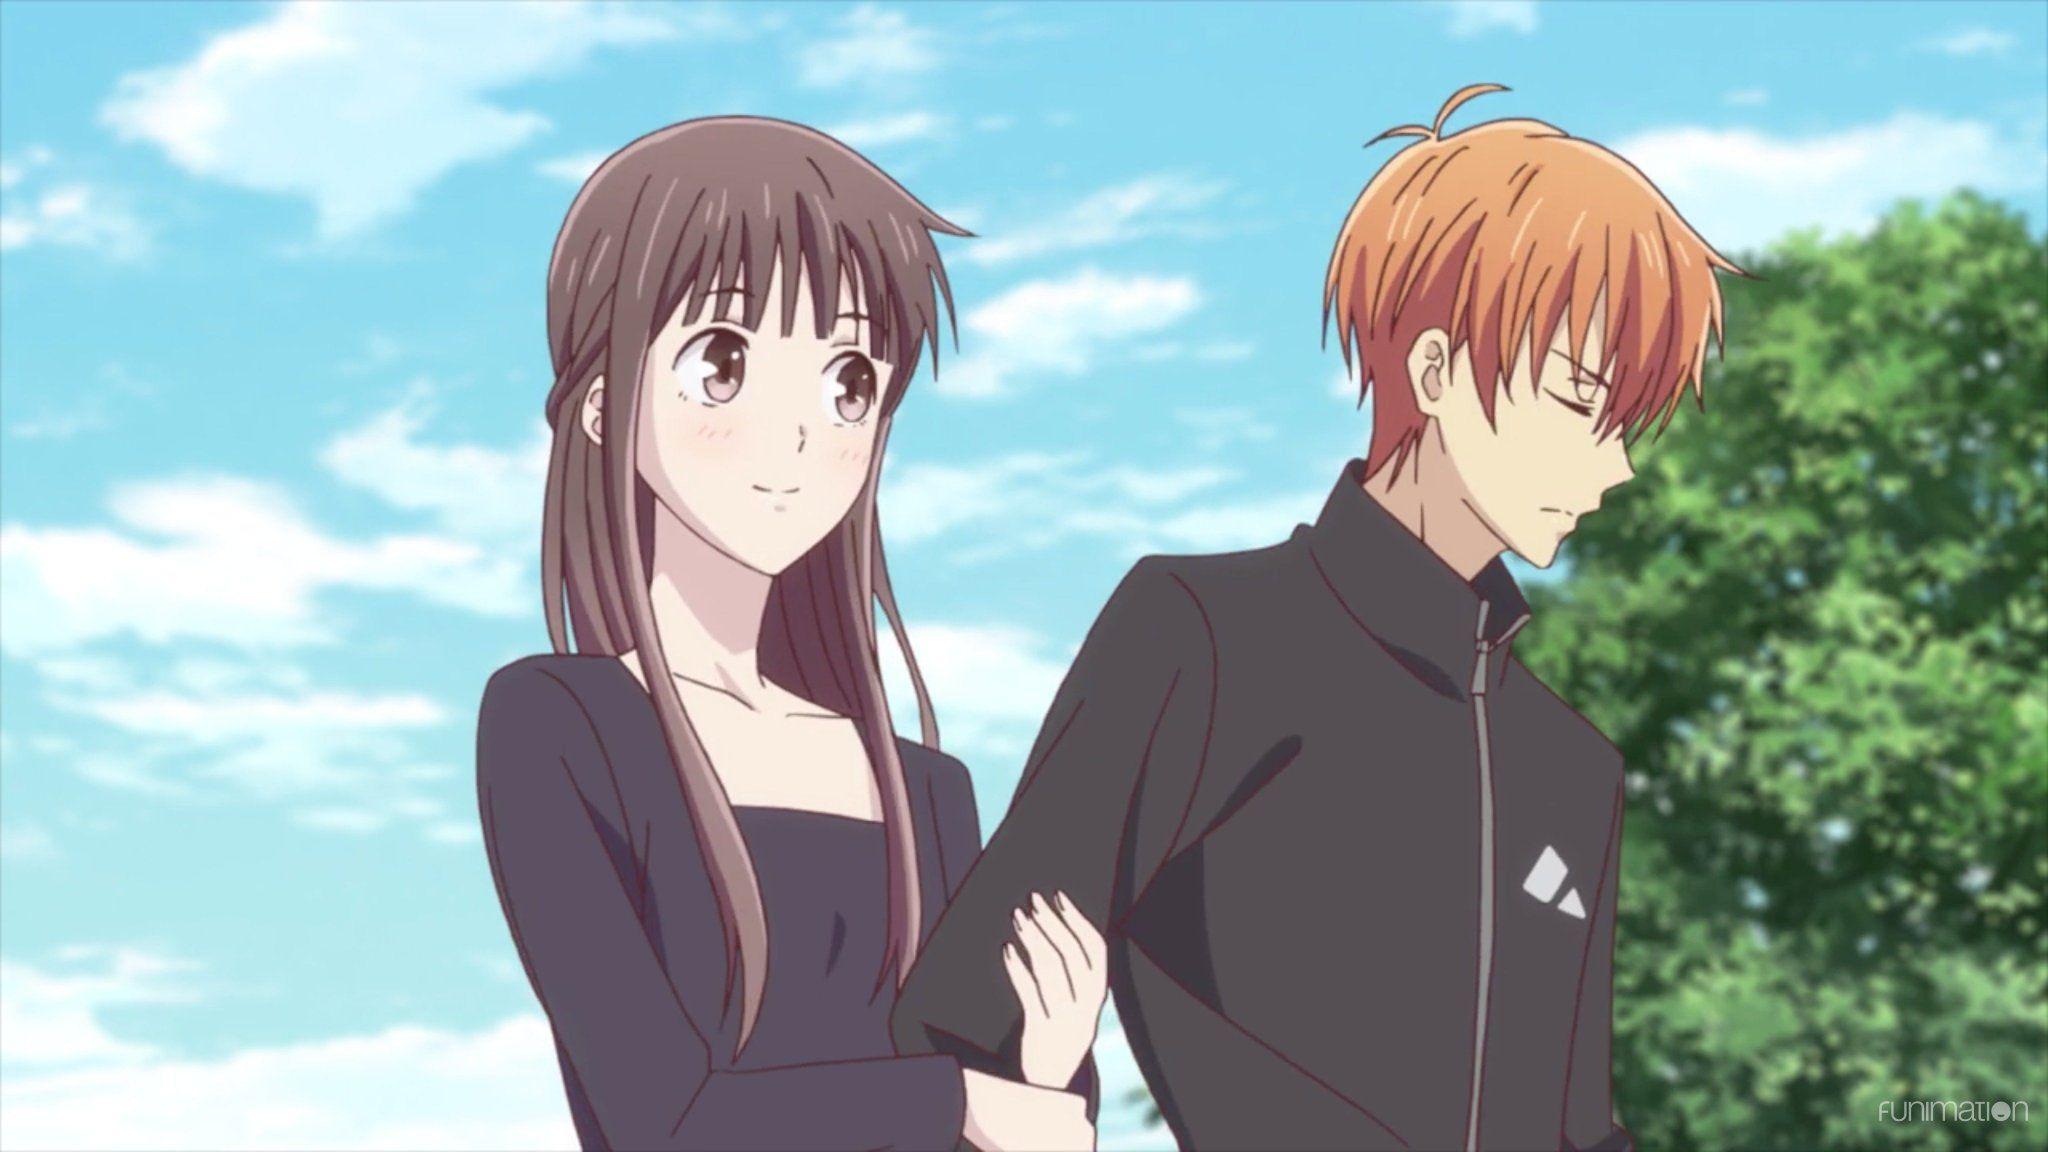 Fruits Basket 2019 Episode 14 Fruits Basket Anime Fruits Basket Fruits Basket Manga